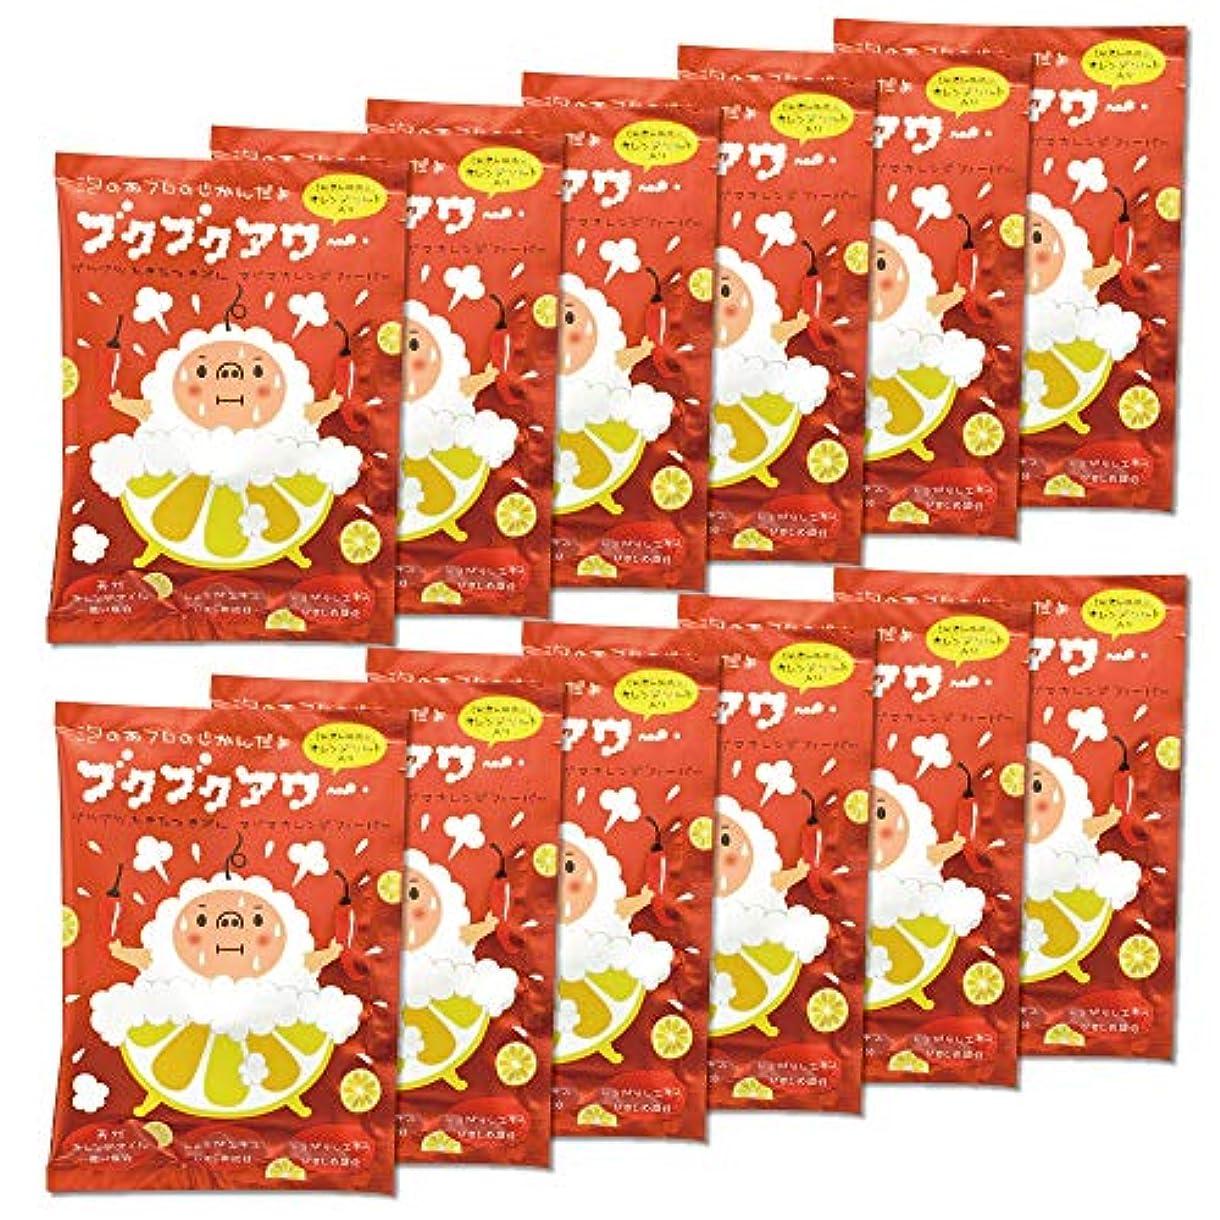 悲しみ感性うねるブクブクアワー マグマ オレンジ フィーバー 入浴剤 40g 1回分×12包入 大容量 まとめ買い